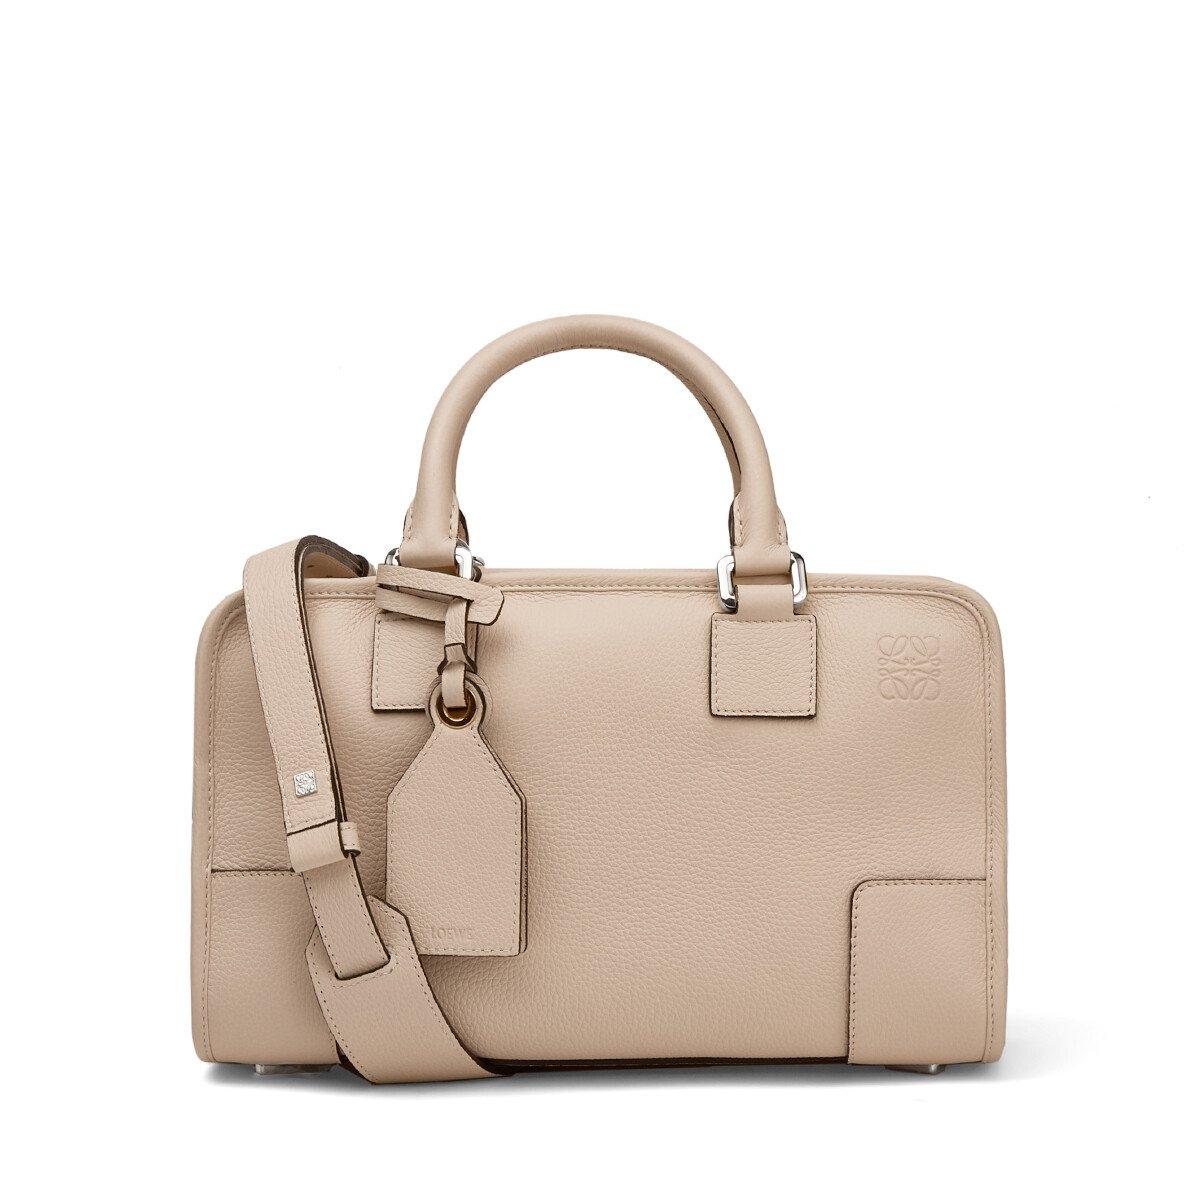 40代女性にオススメのLOEWE(ロエベ)レディースバッグ